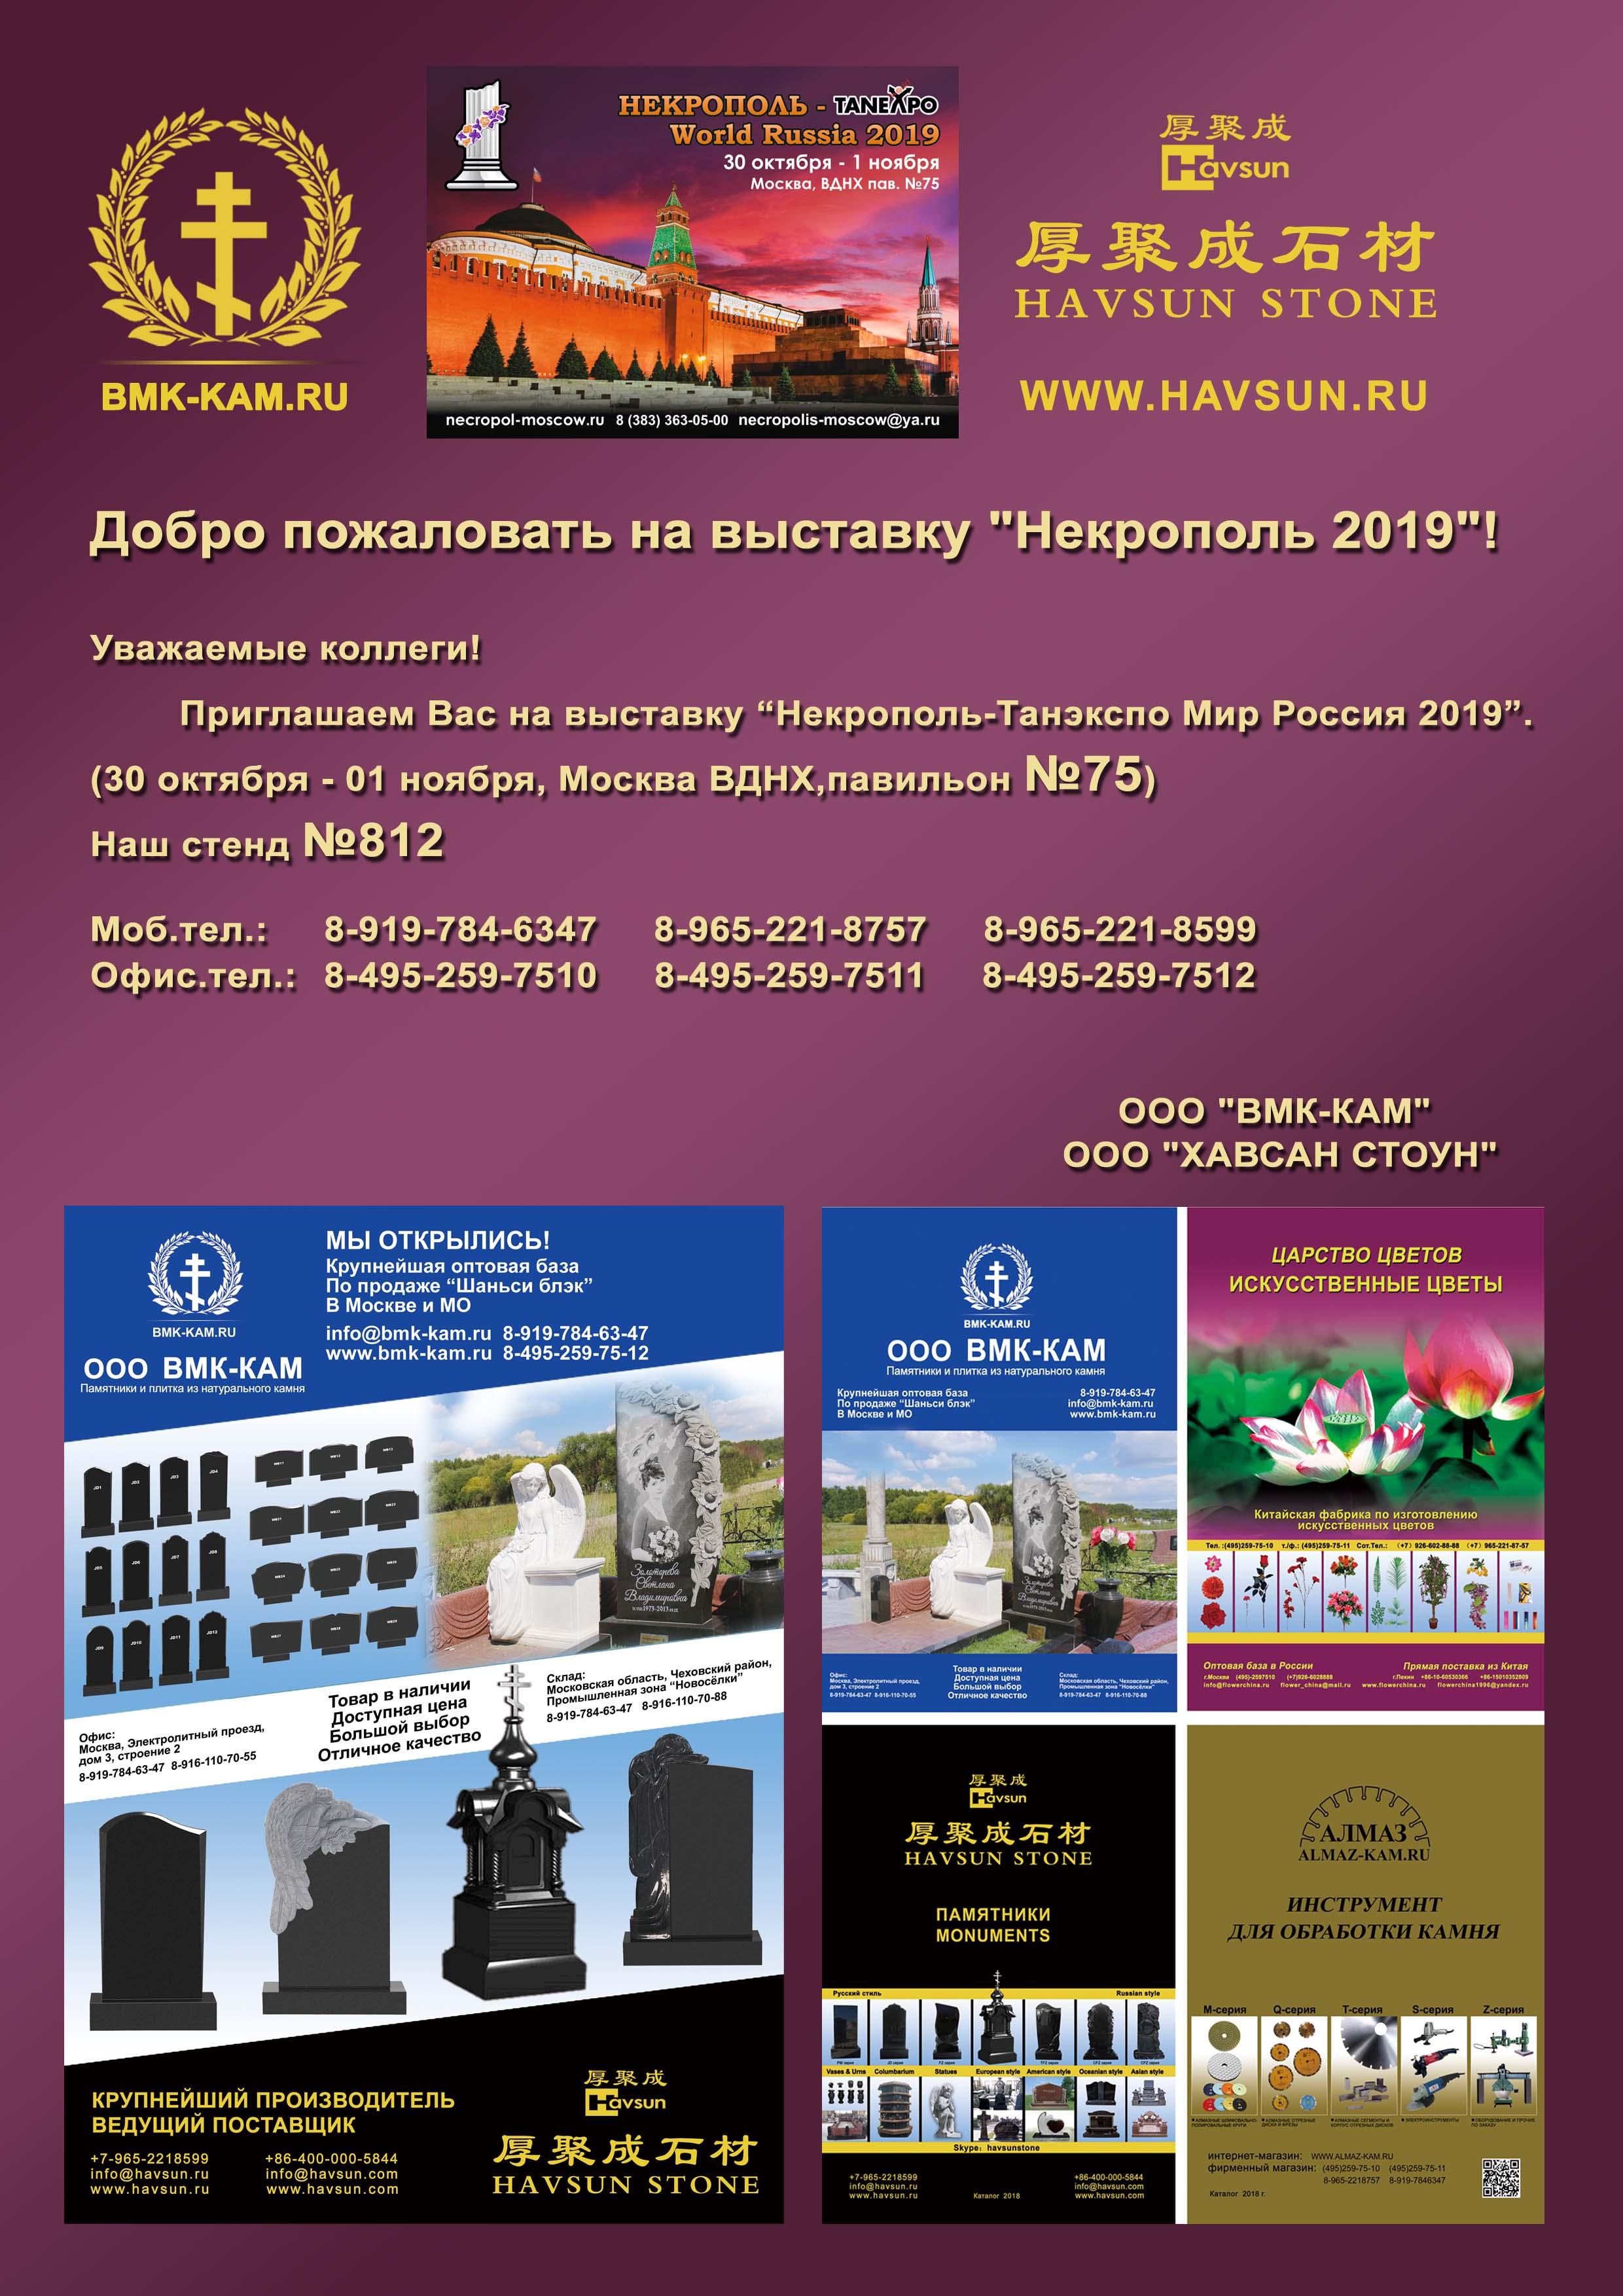 Компания Хавсан Стоун приглашает на выставку Некрополь 2019